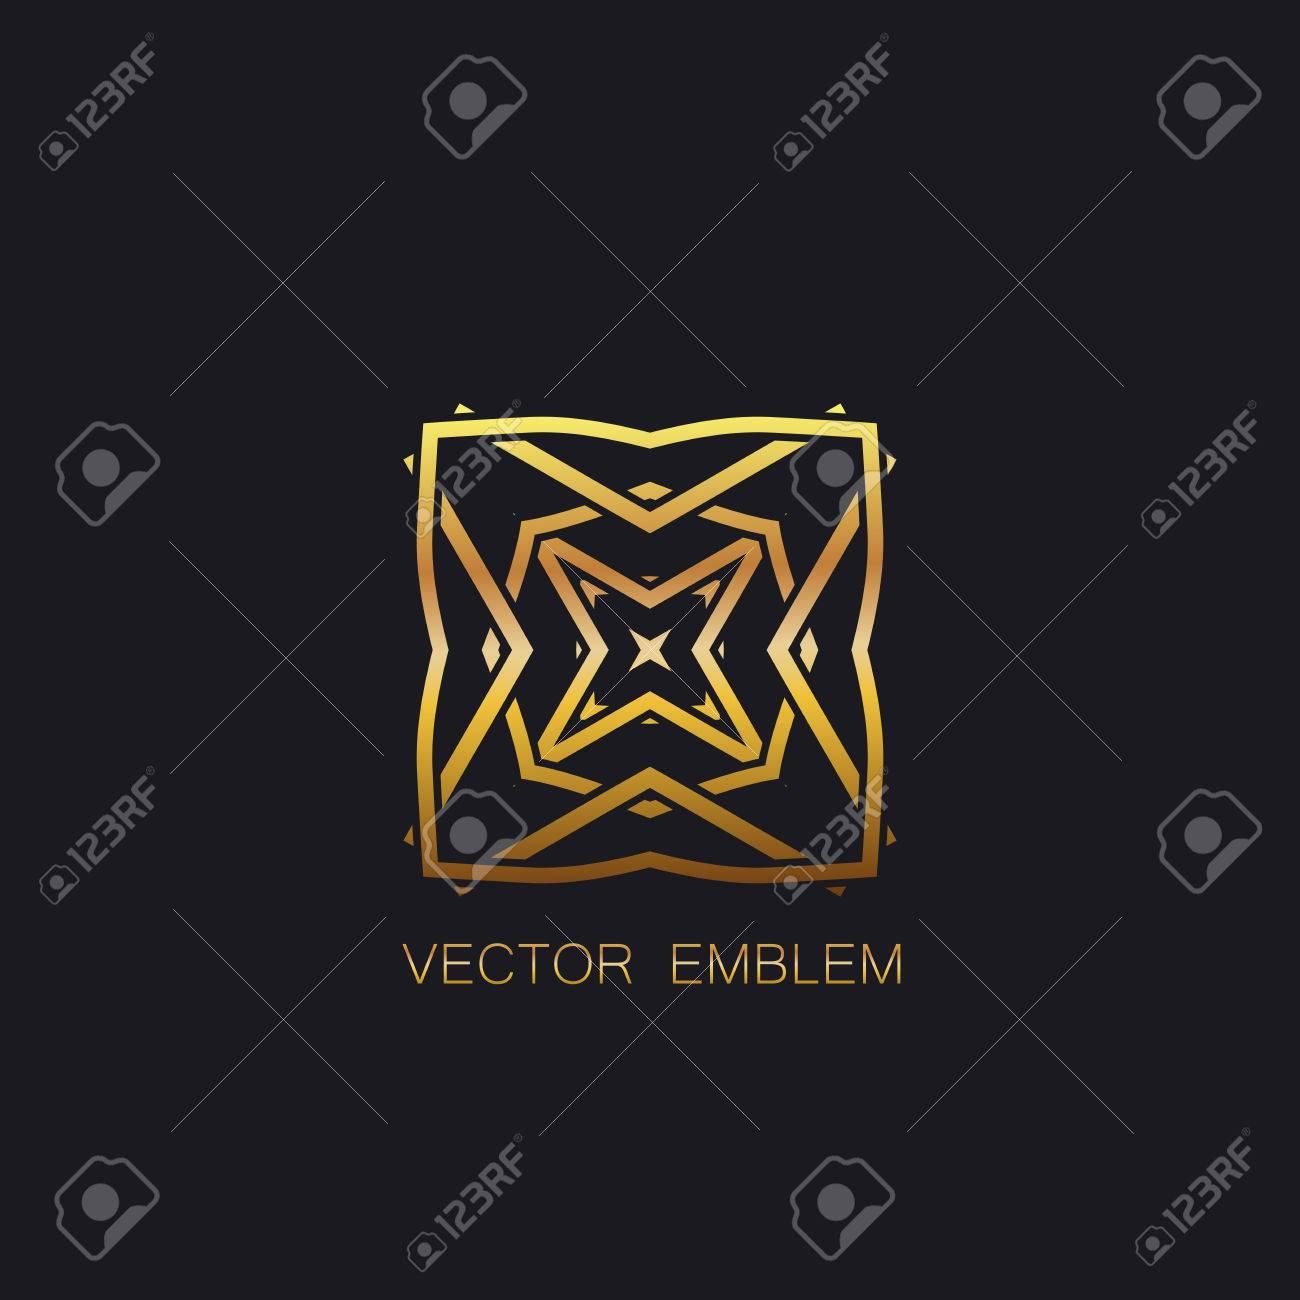 Vectoriser Embleme Floral Dore Art Deco Embleme D Or Signe De Monogramme D Or Element D Art En Ligne Art Deco Pour La Conception Ornement Celtic D Or Pour La Conception Vecteur Embleme D Or Clip Art Libres De